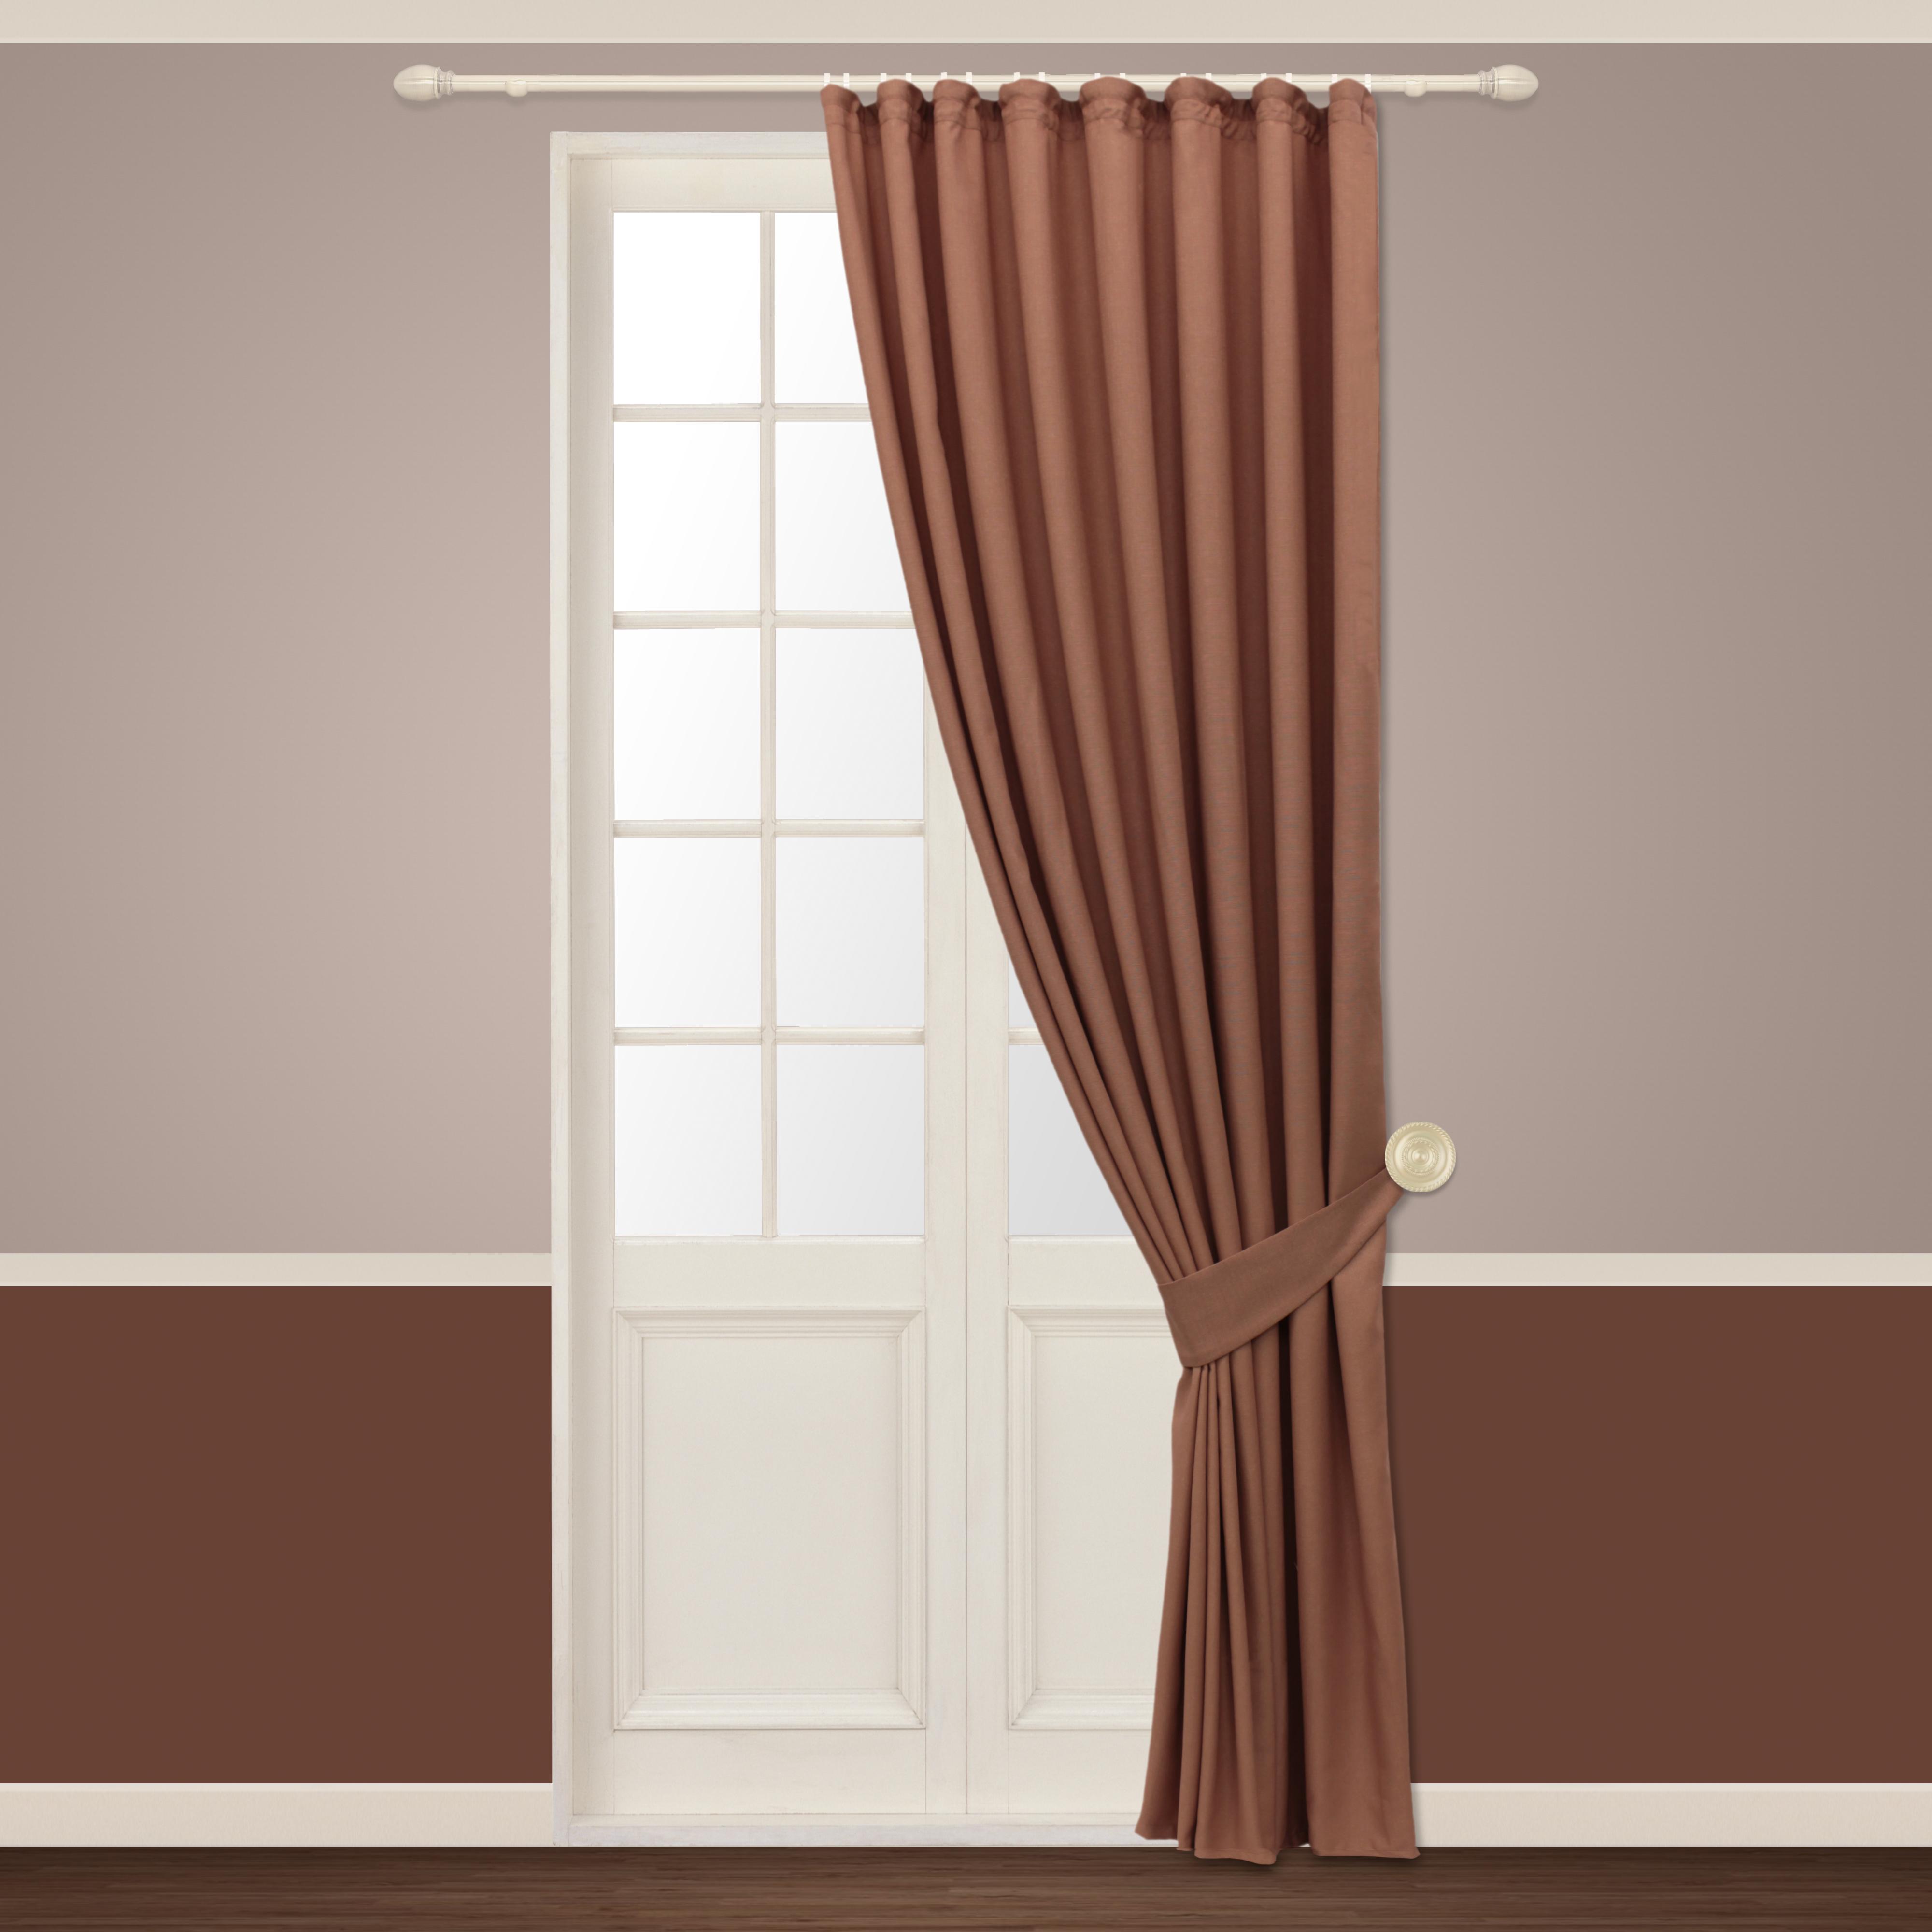 Шторы Sanpa Классические шторы Росария Цвет: Пыльная Роза шторы томдом классические шторы менак цвет пыльная роза